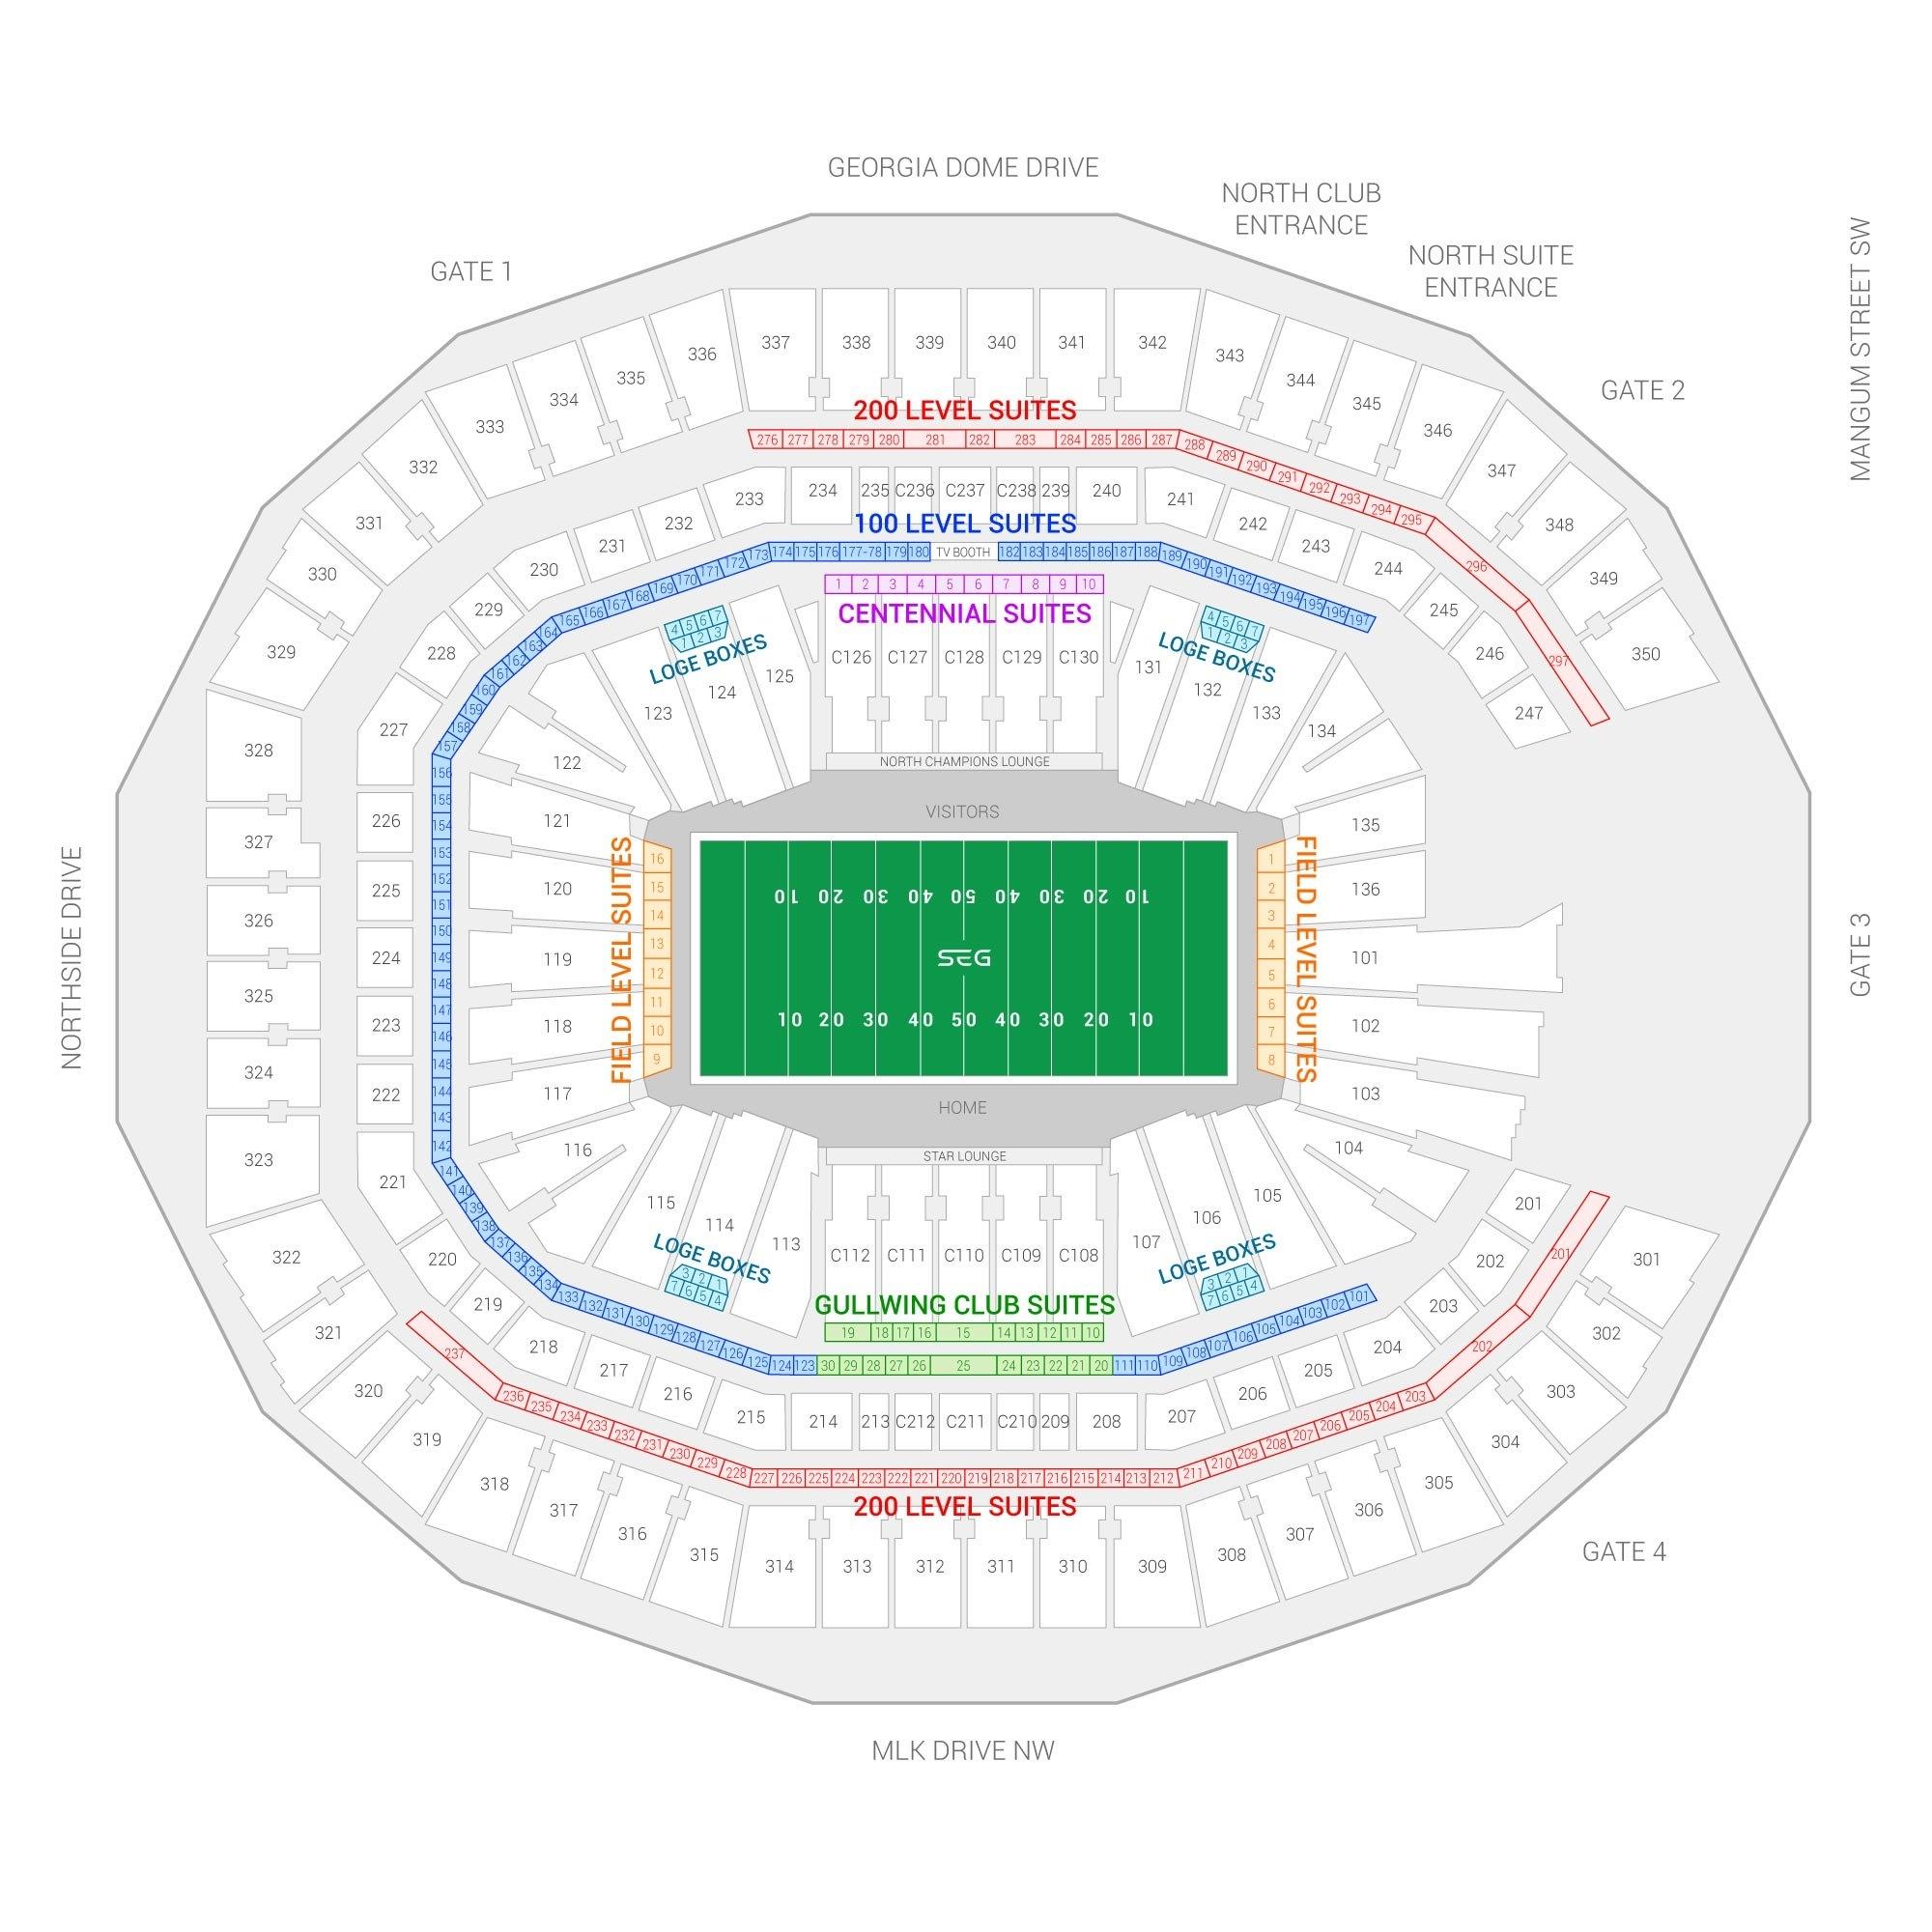 Super Bowl Liii Suite Rentals | Mercedes-Benz Stadium regarding Super Bowl Live Atlanta Map